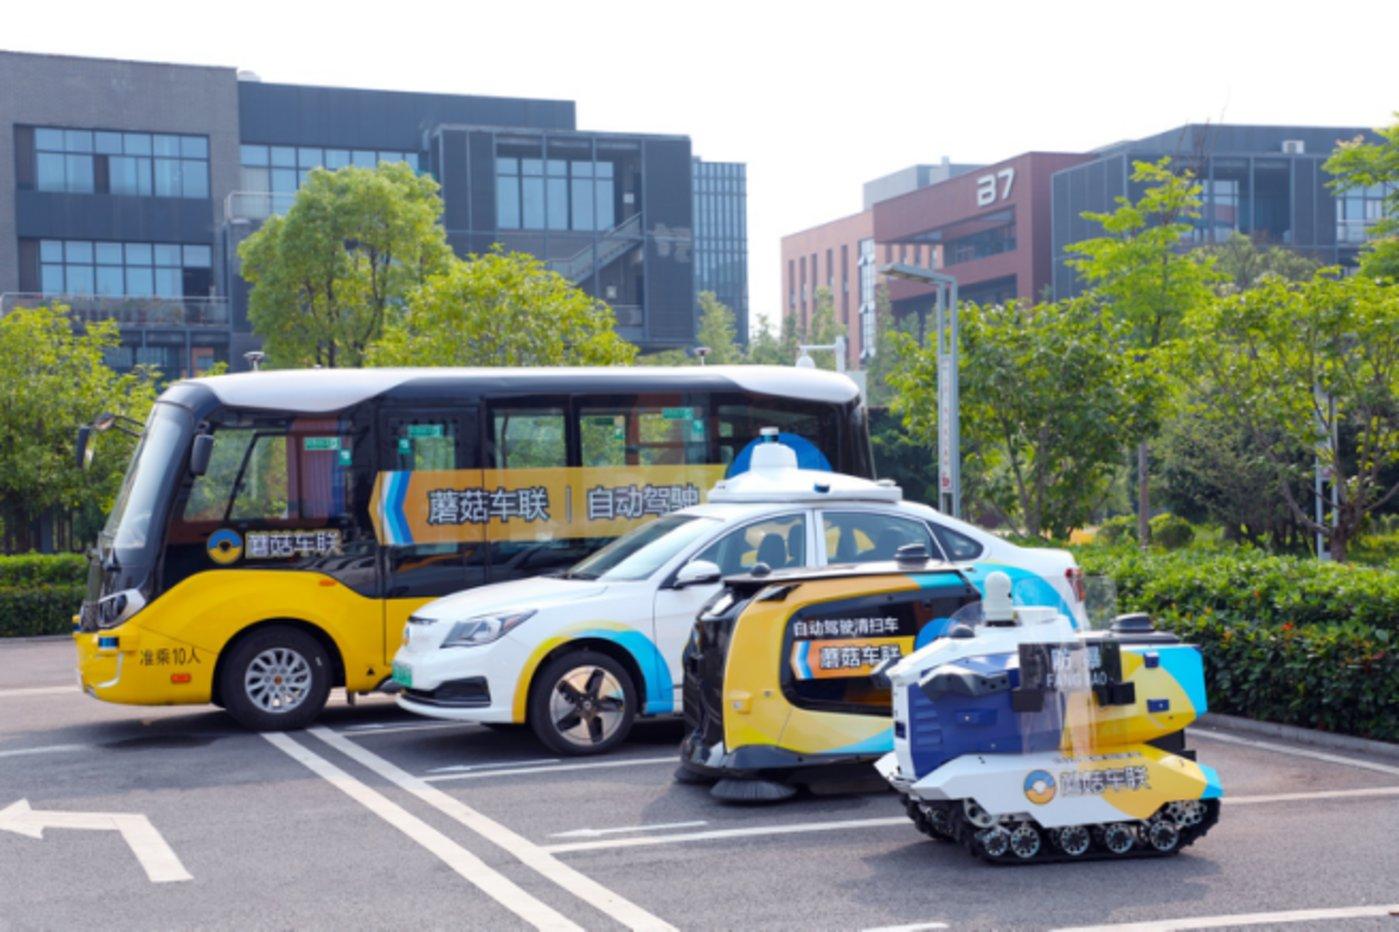 蘑菇车联自动驾驶城市公共服务车辆